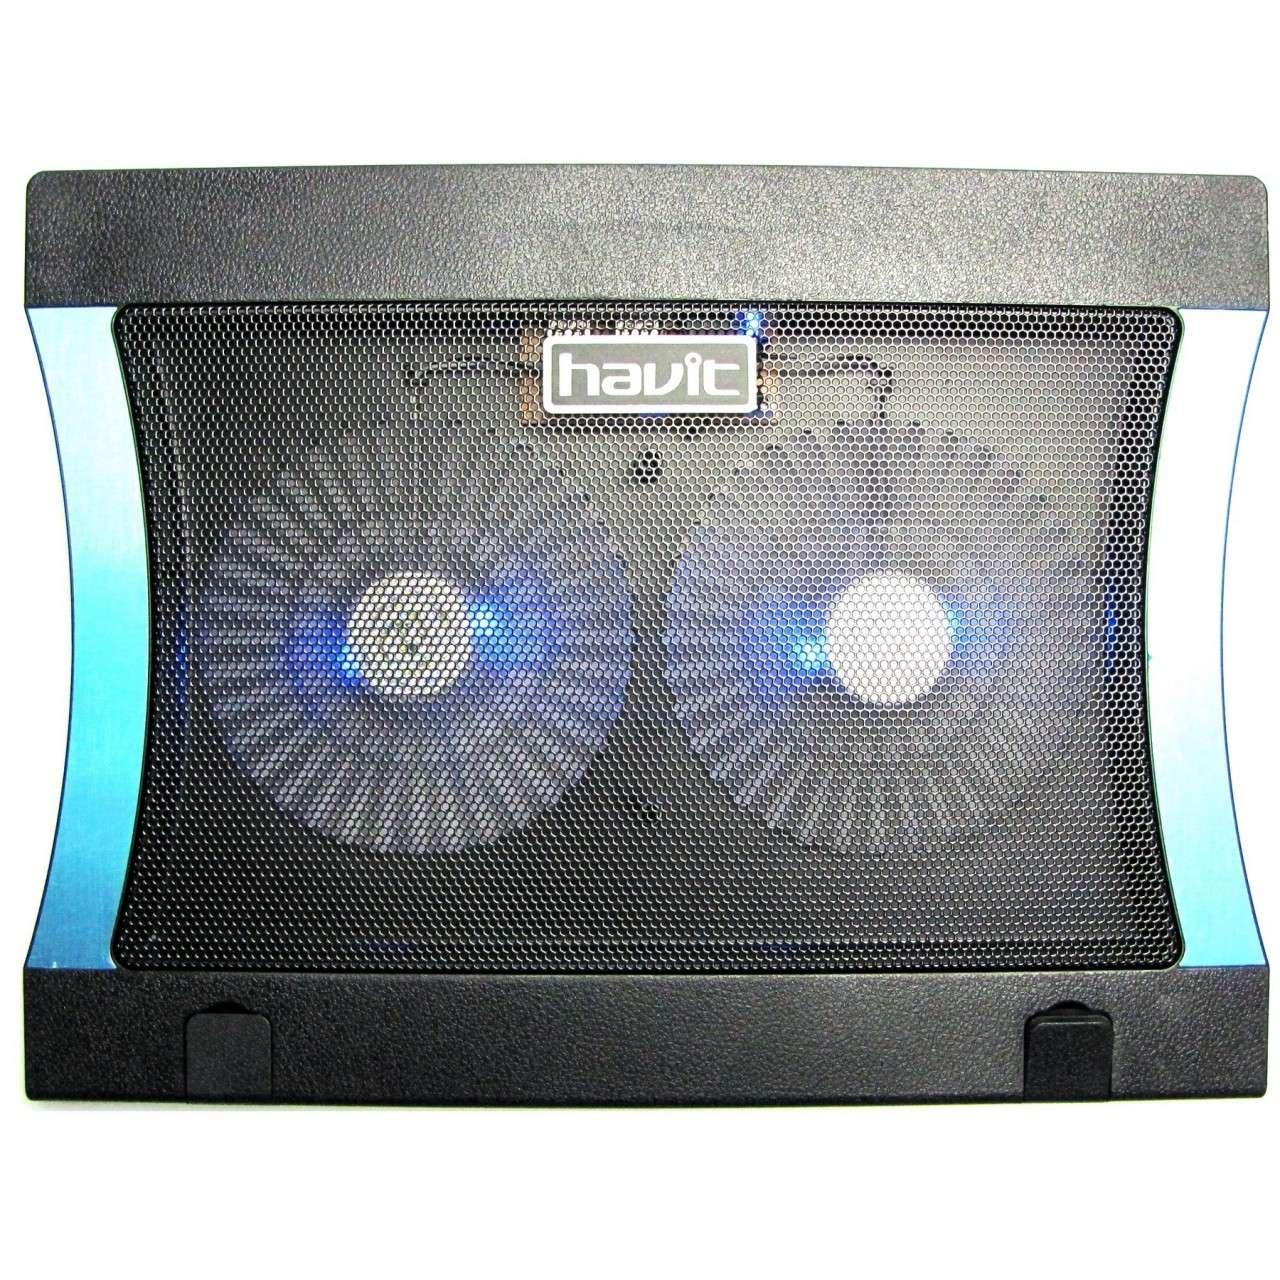 Cooler Stand Laptop Notebook Havit 2 Ventilatoare cu Nivel Reglabil Slot USB si LED imagine powerlaptop.ro 2021